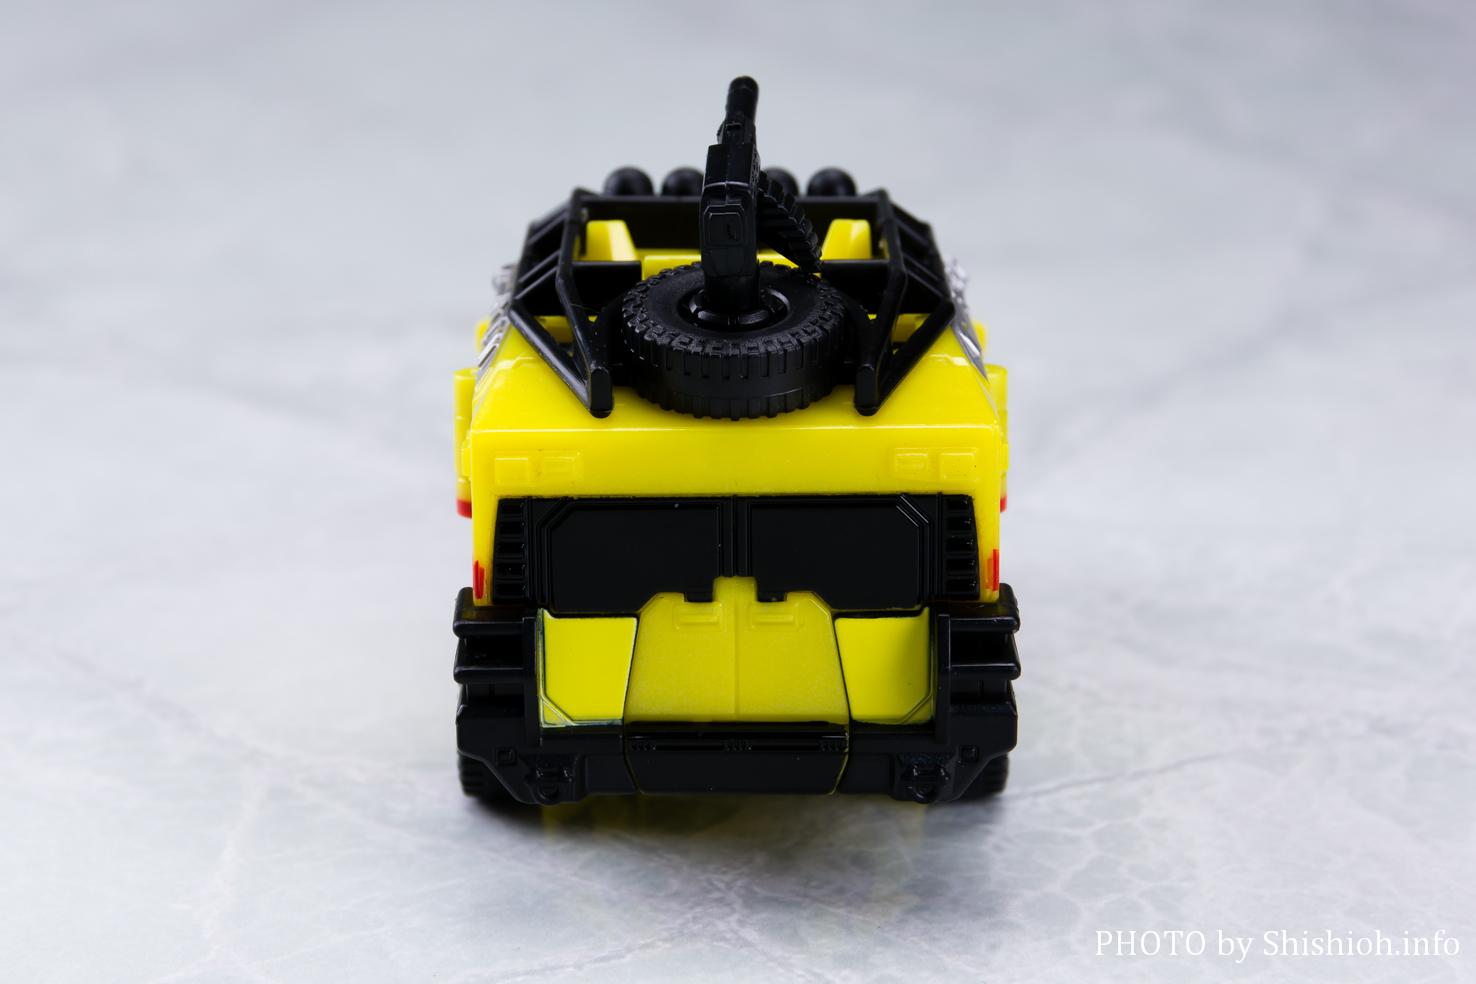 トランスフォーマー ムービー ザ ベスト MB-06 ラチェット